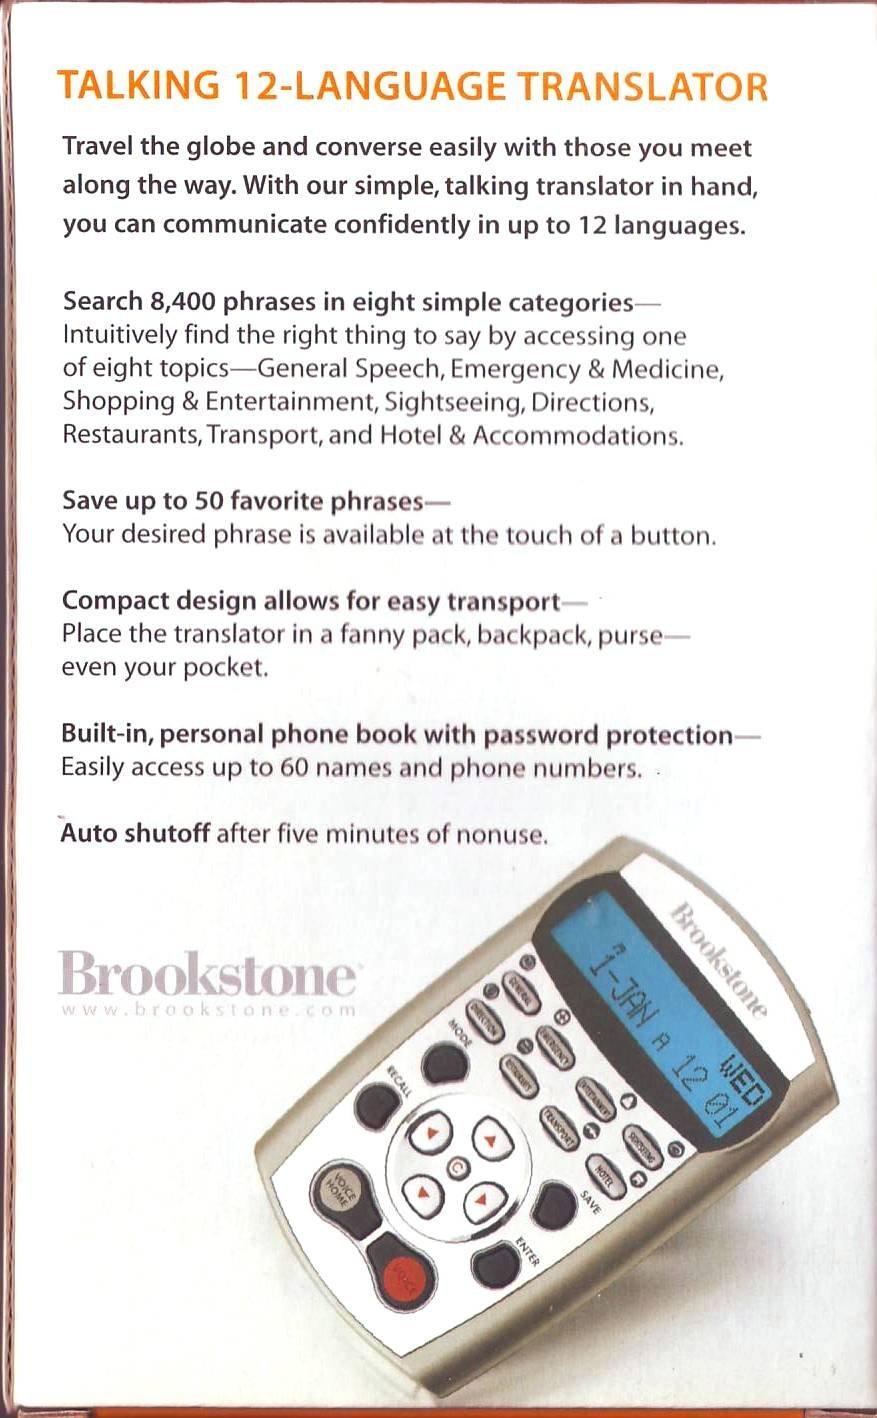 Brookstone Passport Talking 12-Language Translator by Brookstone (Image #1)